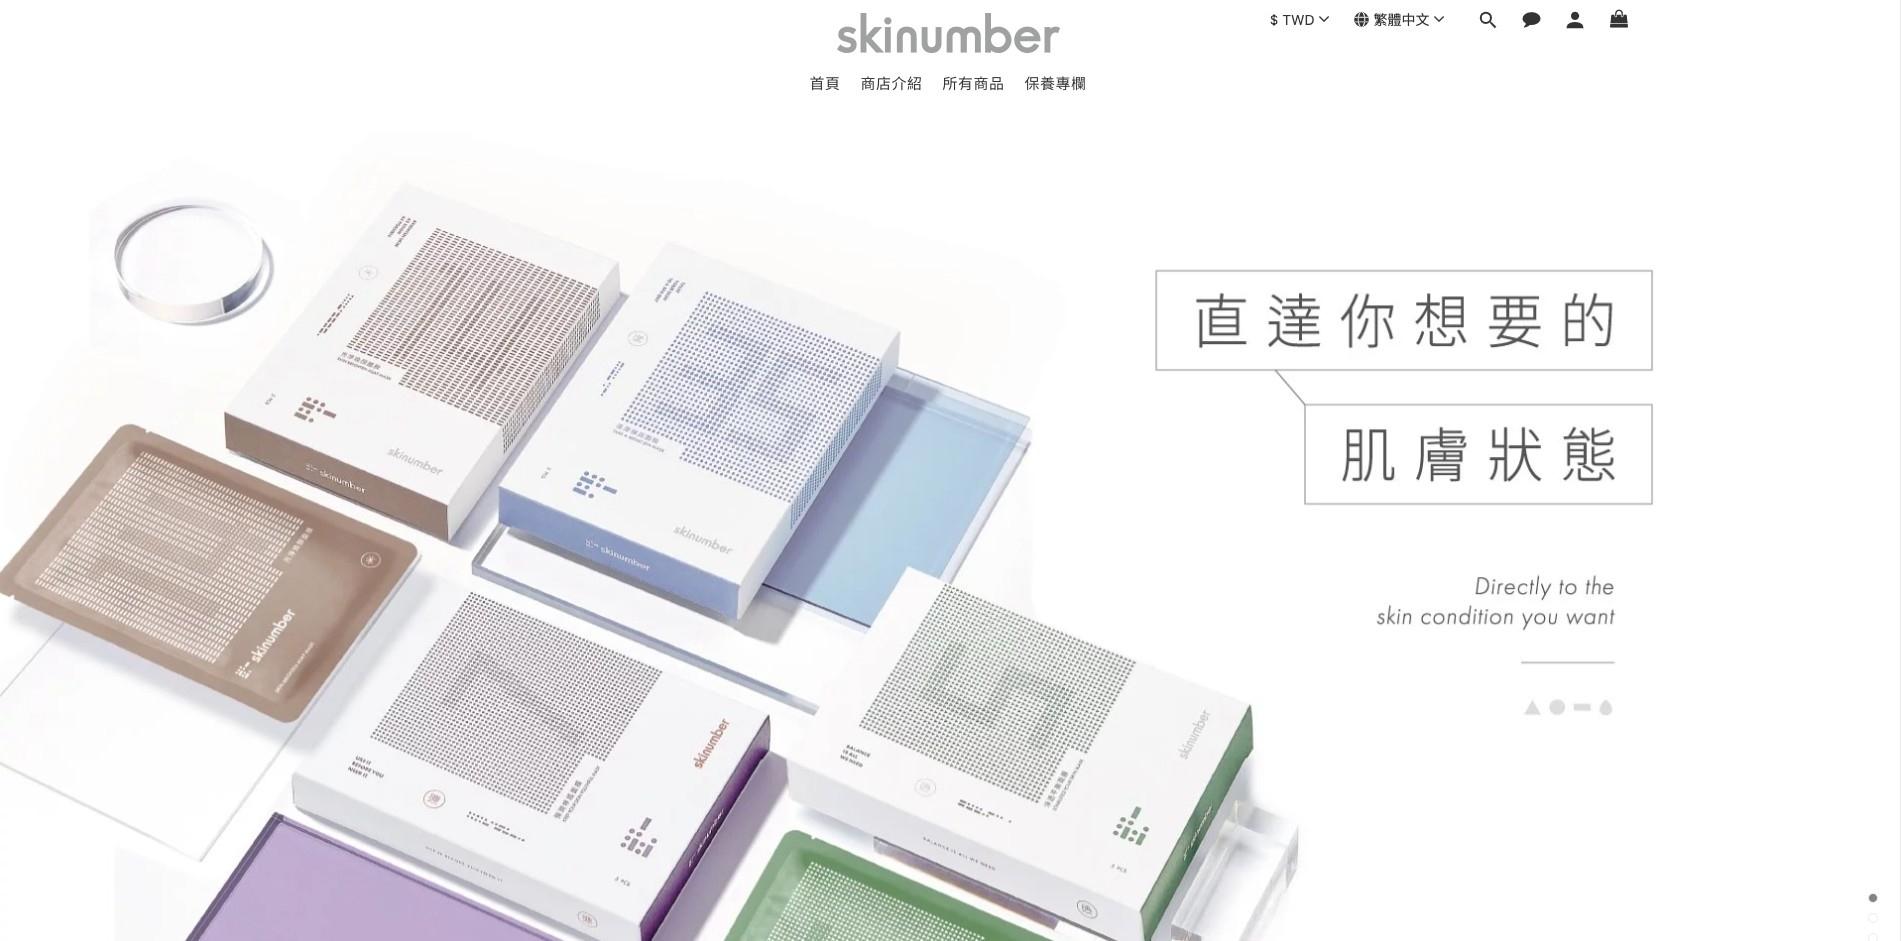 台中SEO優化案例-搭配Shopline電商平台|采潗國際Skinumber肌膚面膜保養專家